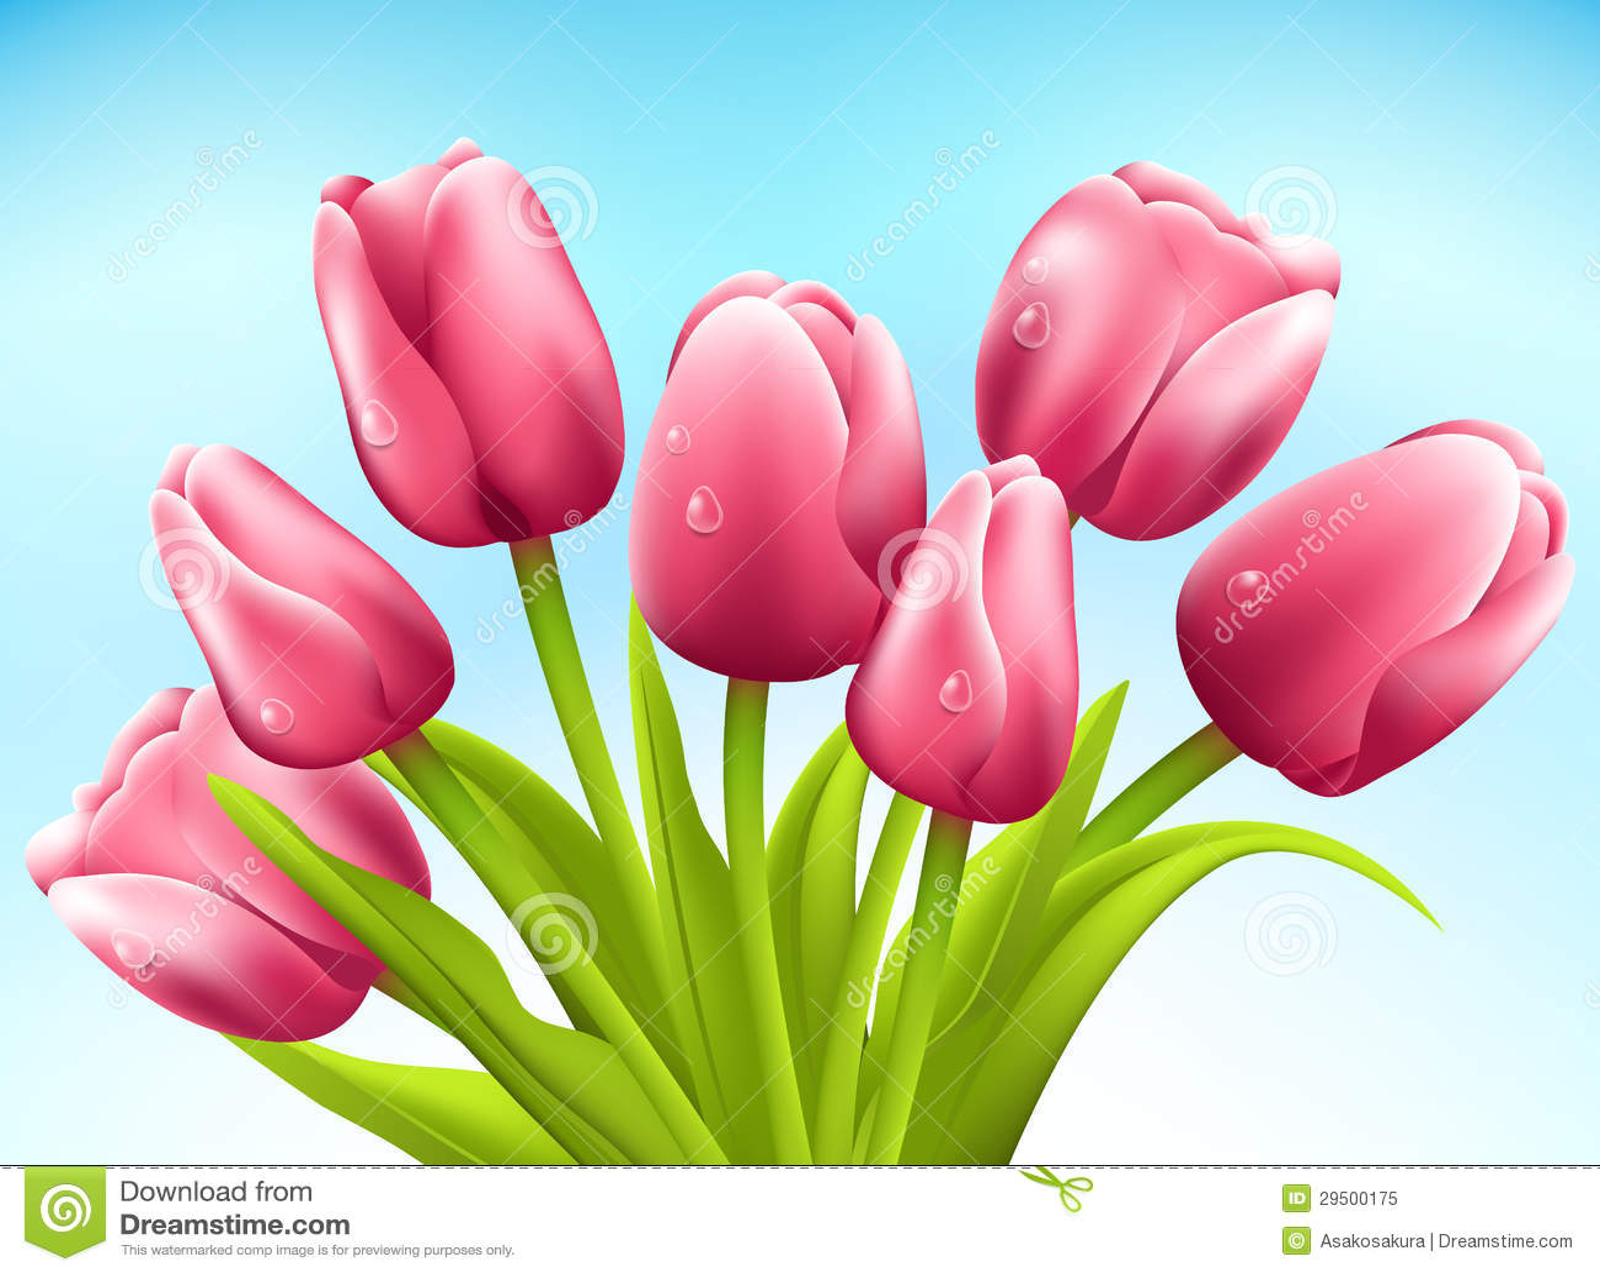 Bos van tulpen op witte achtergrond. Vector